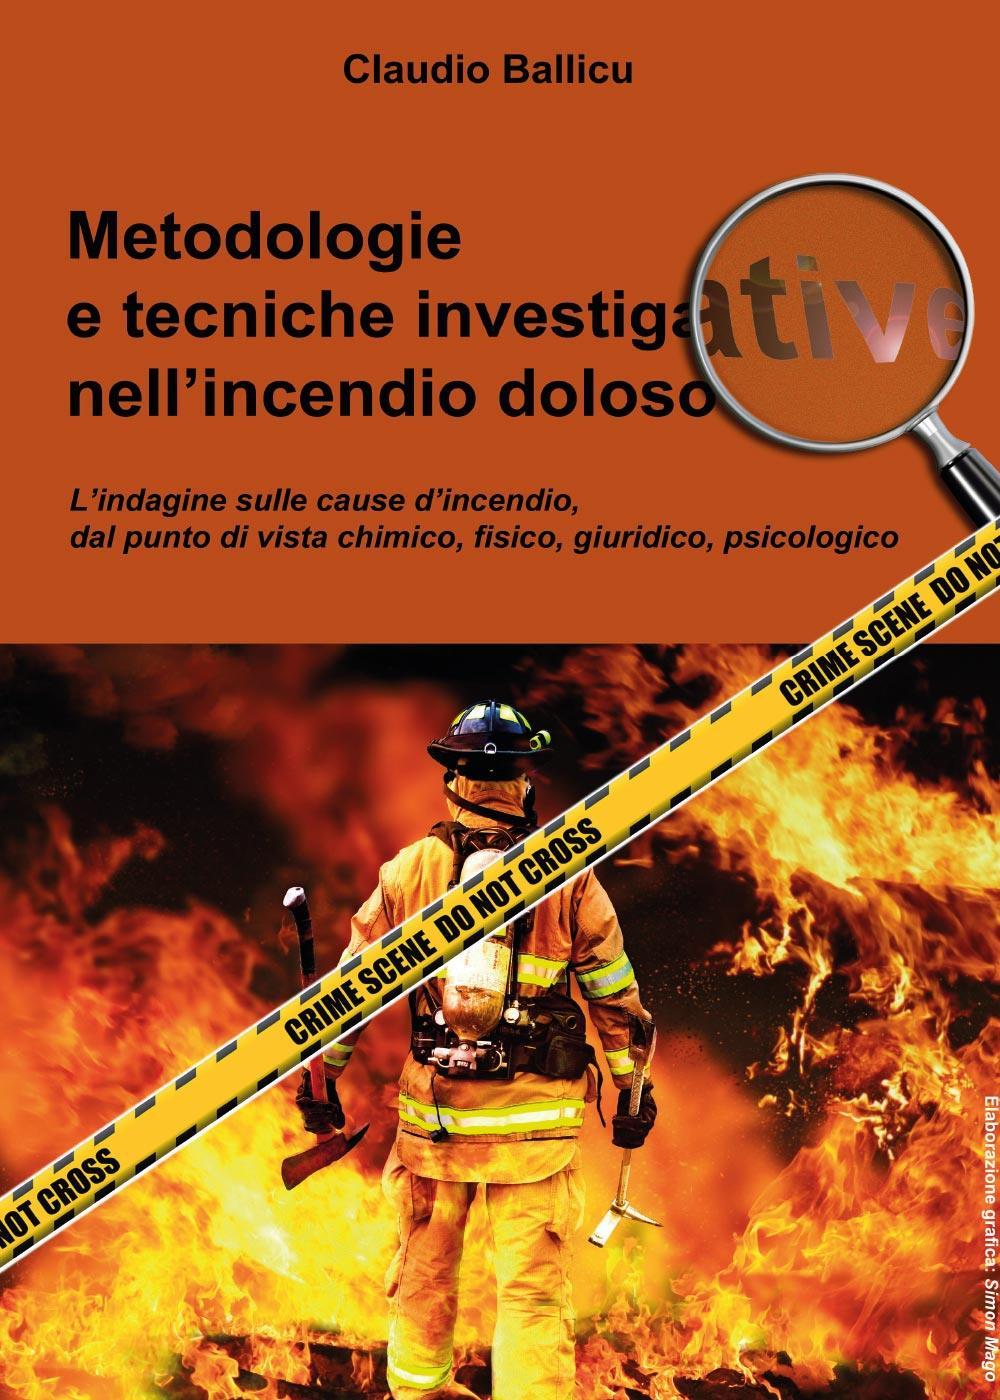 Metodologie e tecniche investigative nell'incendio doloso